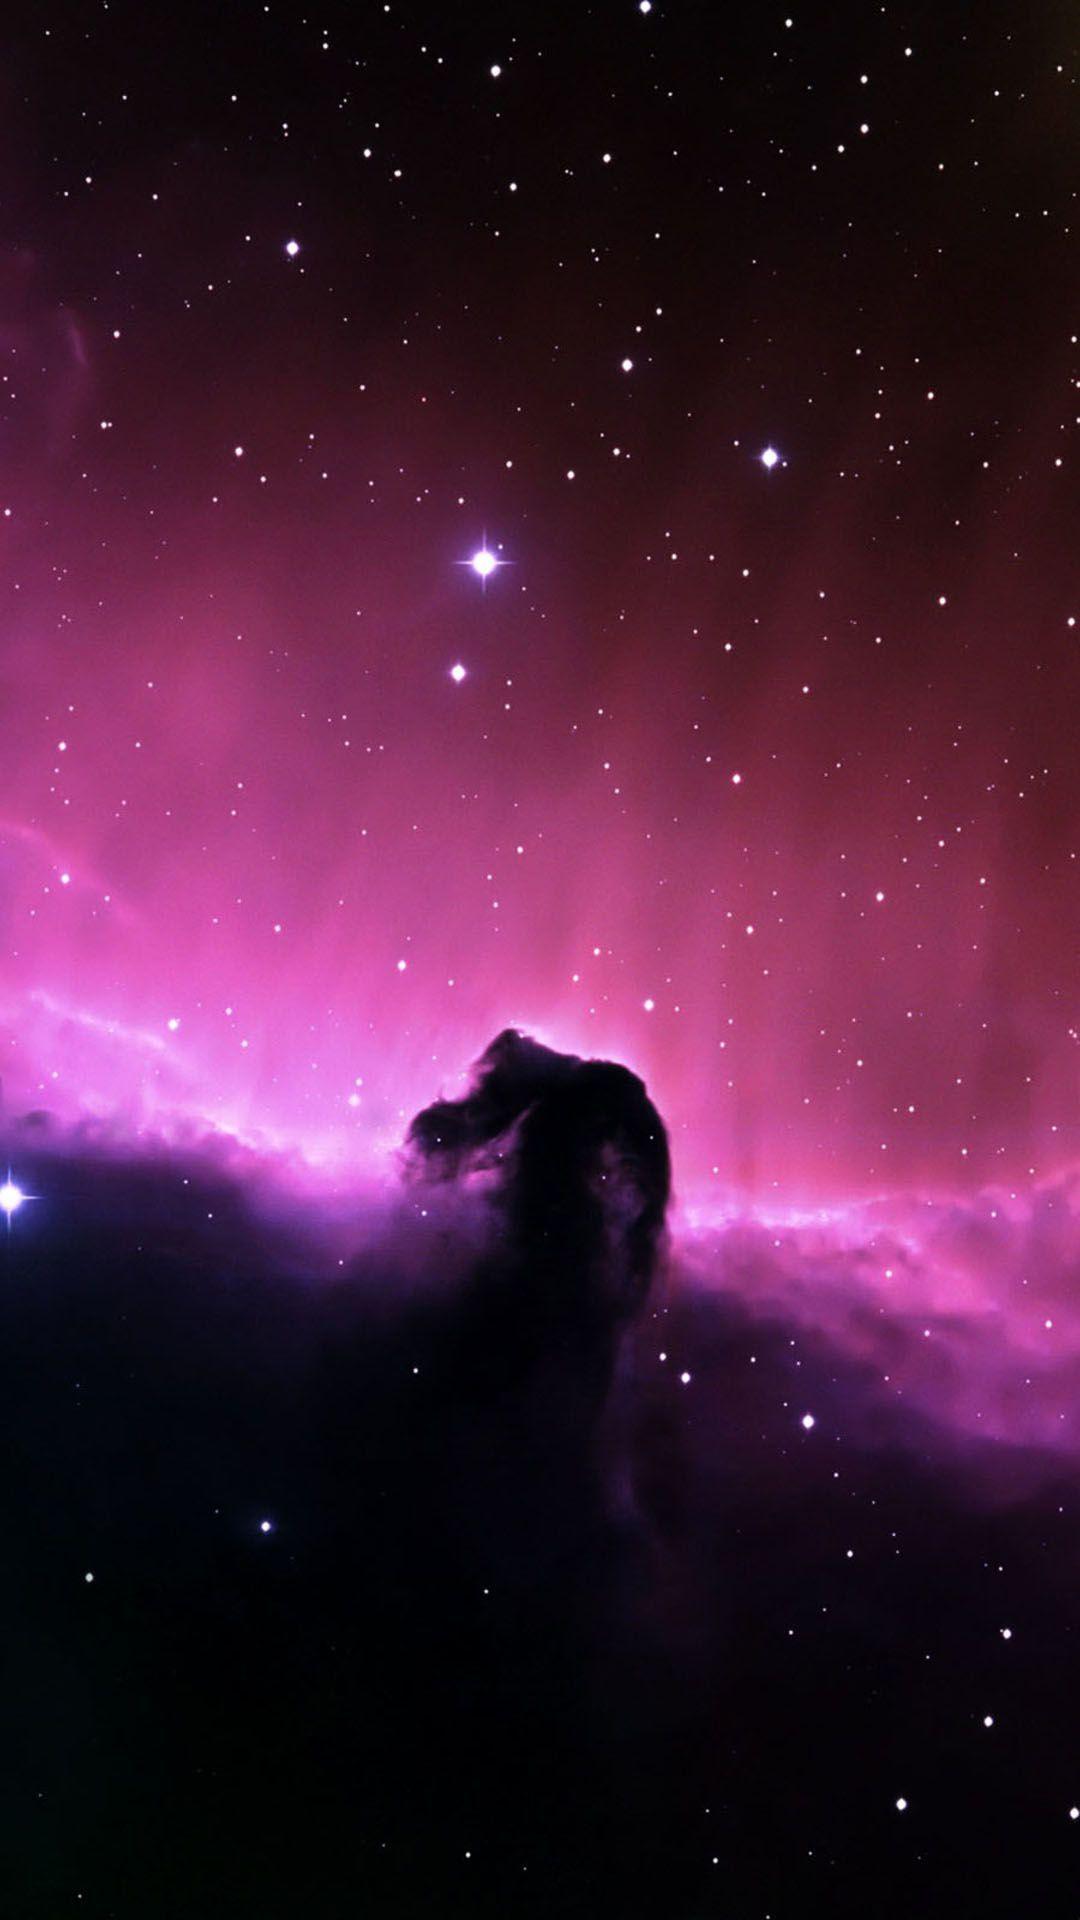 Fantastic Wallpaper Horse Pink - 8d39a756501b7b6b476103014089cb81  You Should Have_644976.jpg